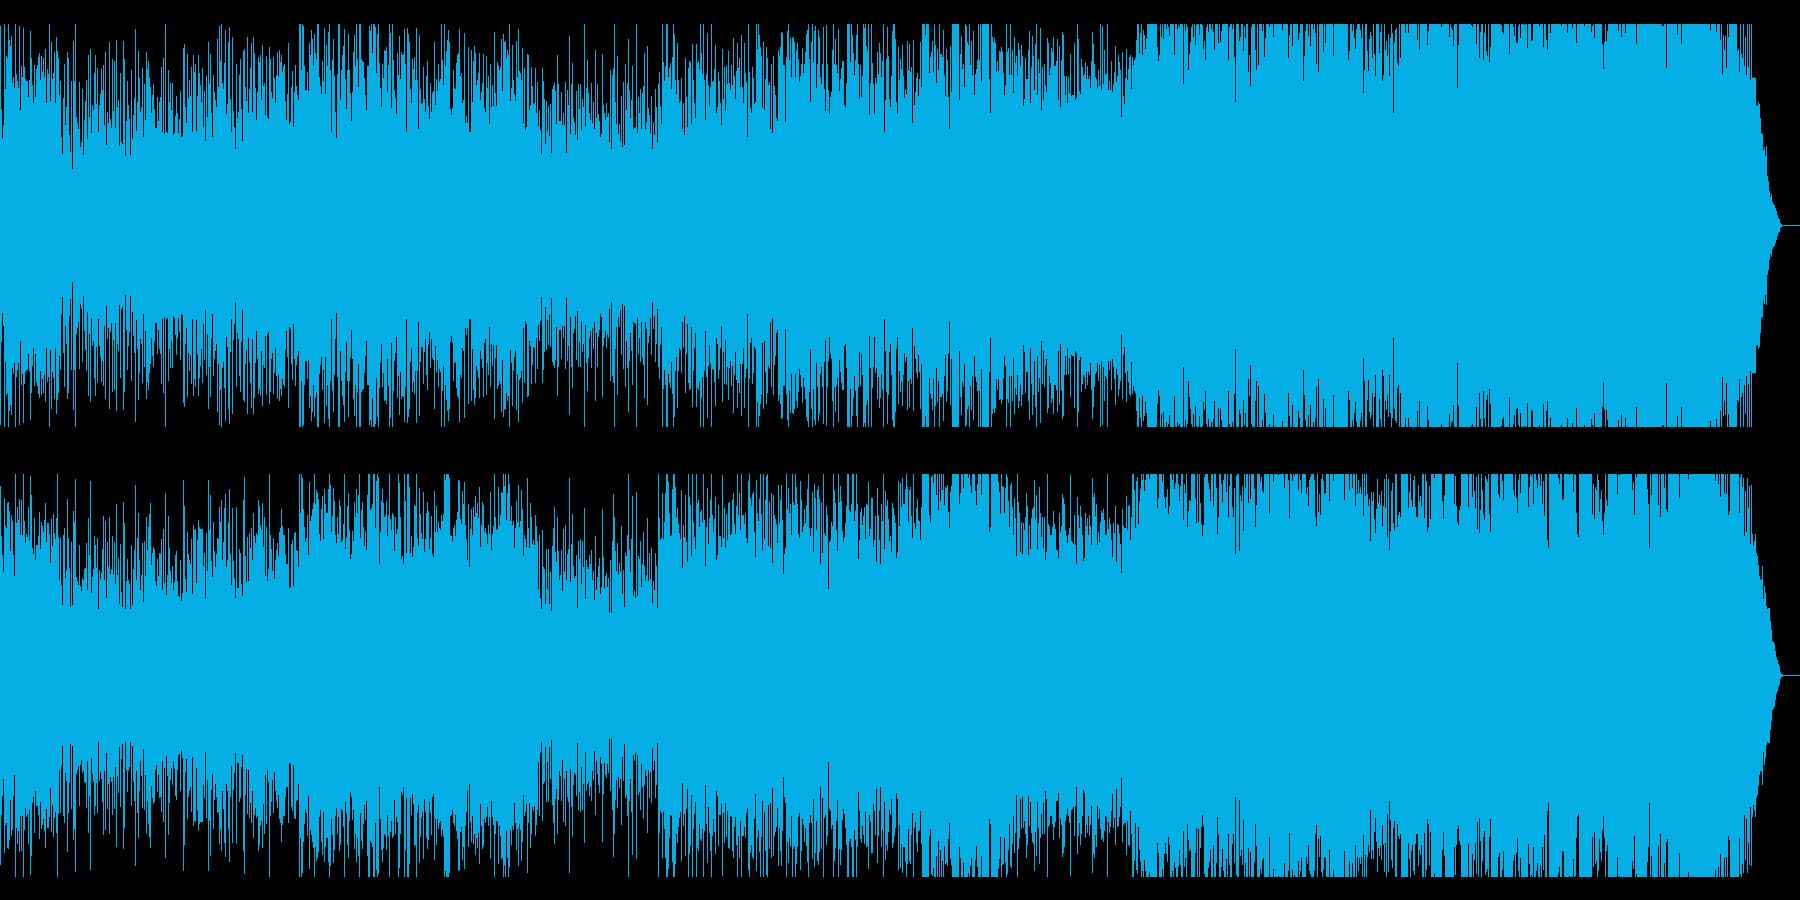 レニクラ風盛り上がれるクラッシックロックの再生済みの波形